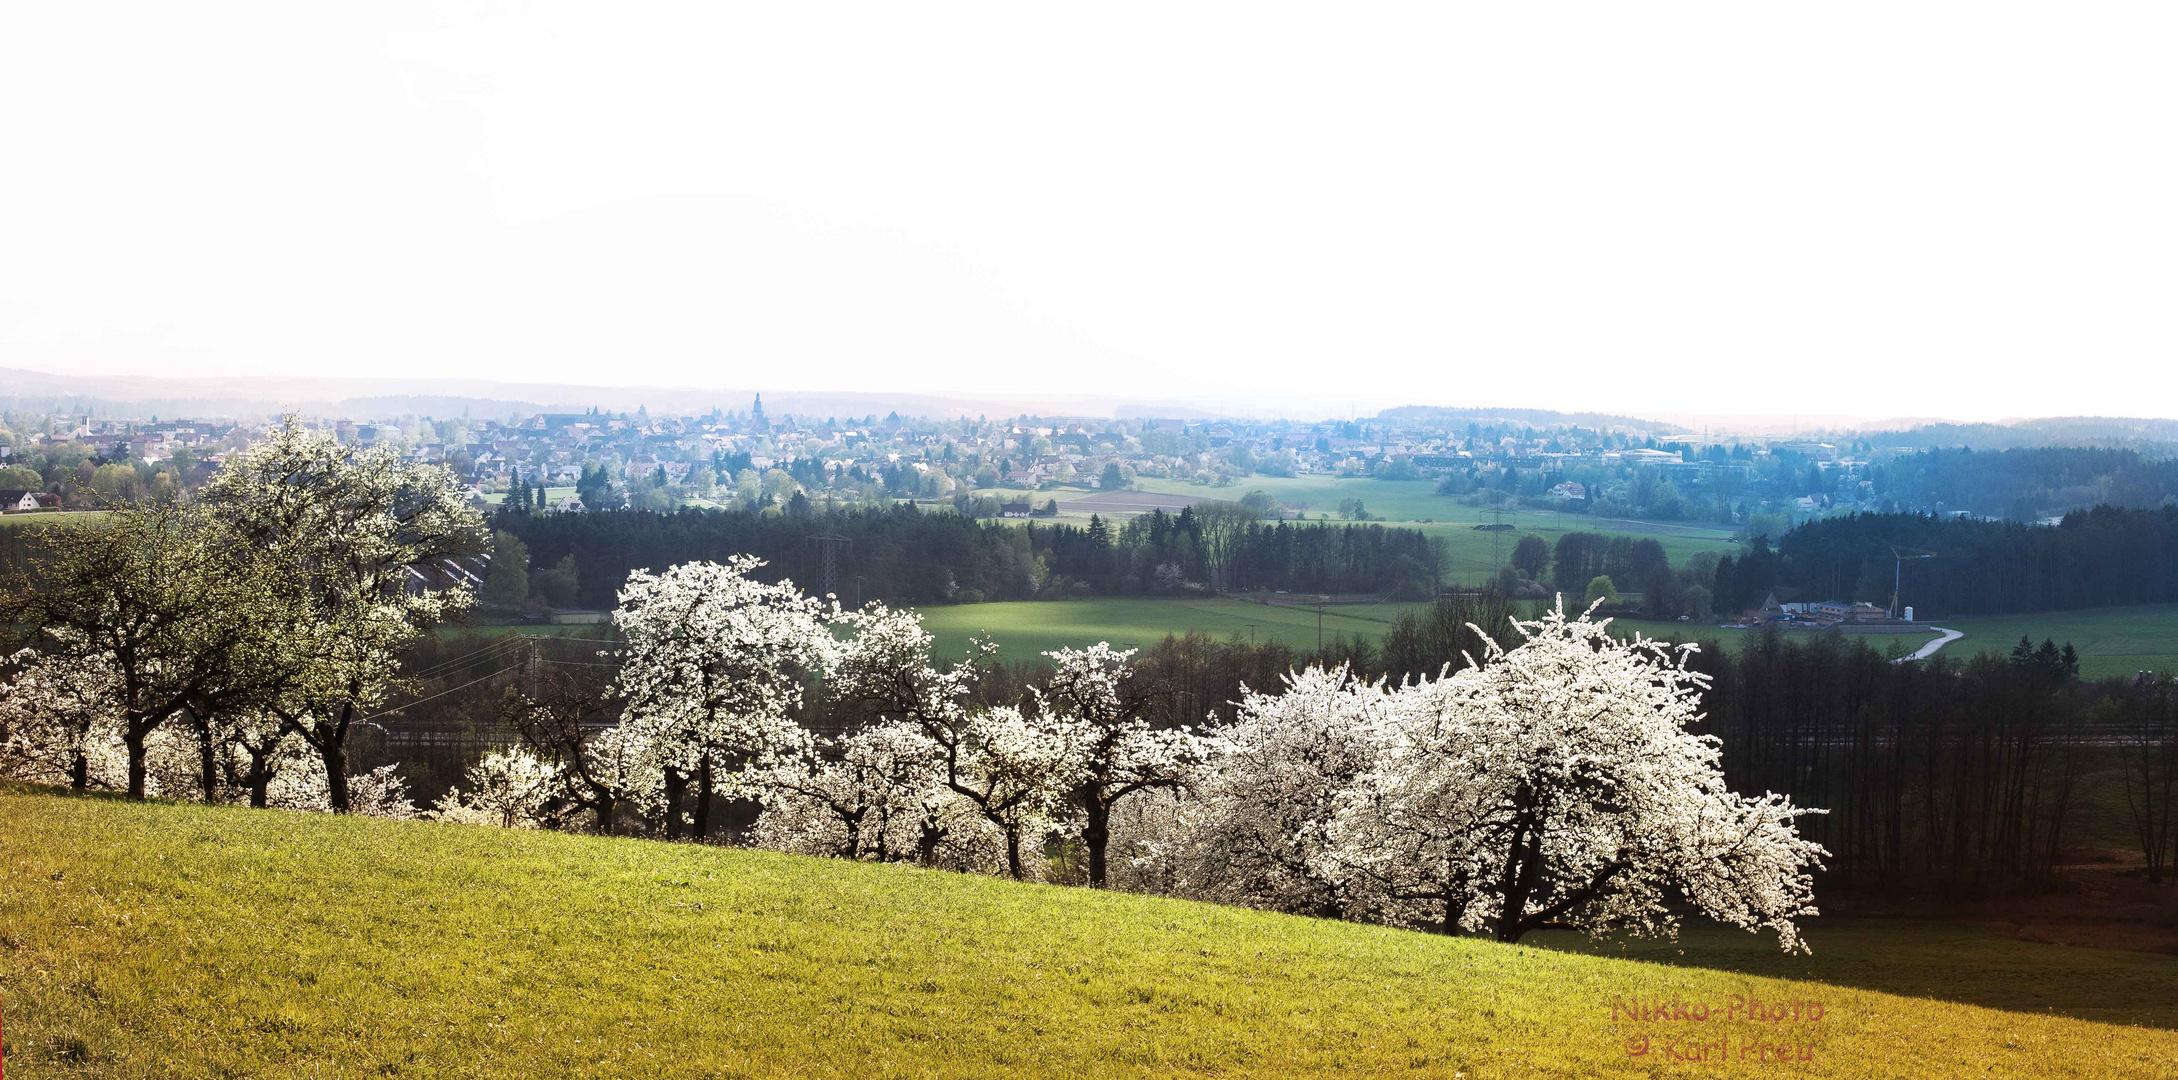 Apfelblüte in Mittelfranken